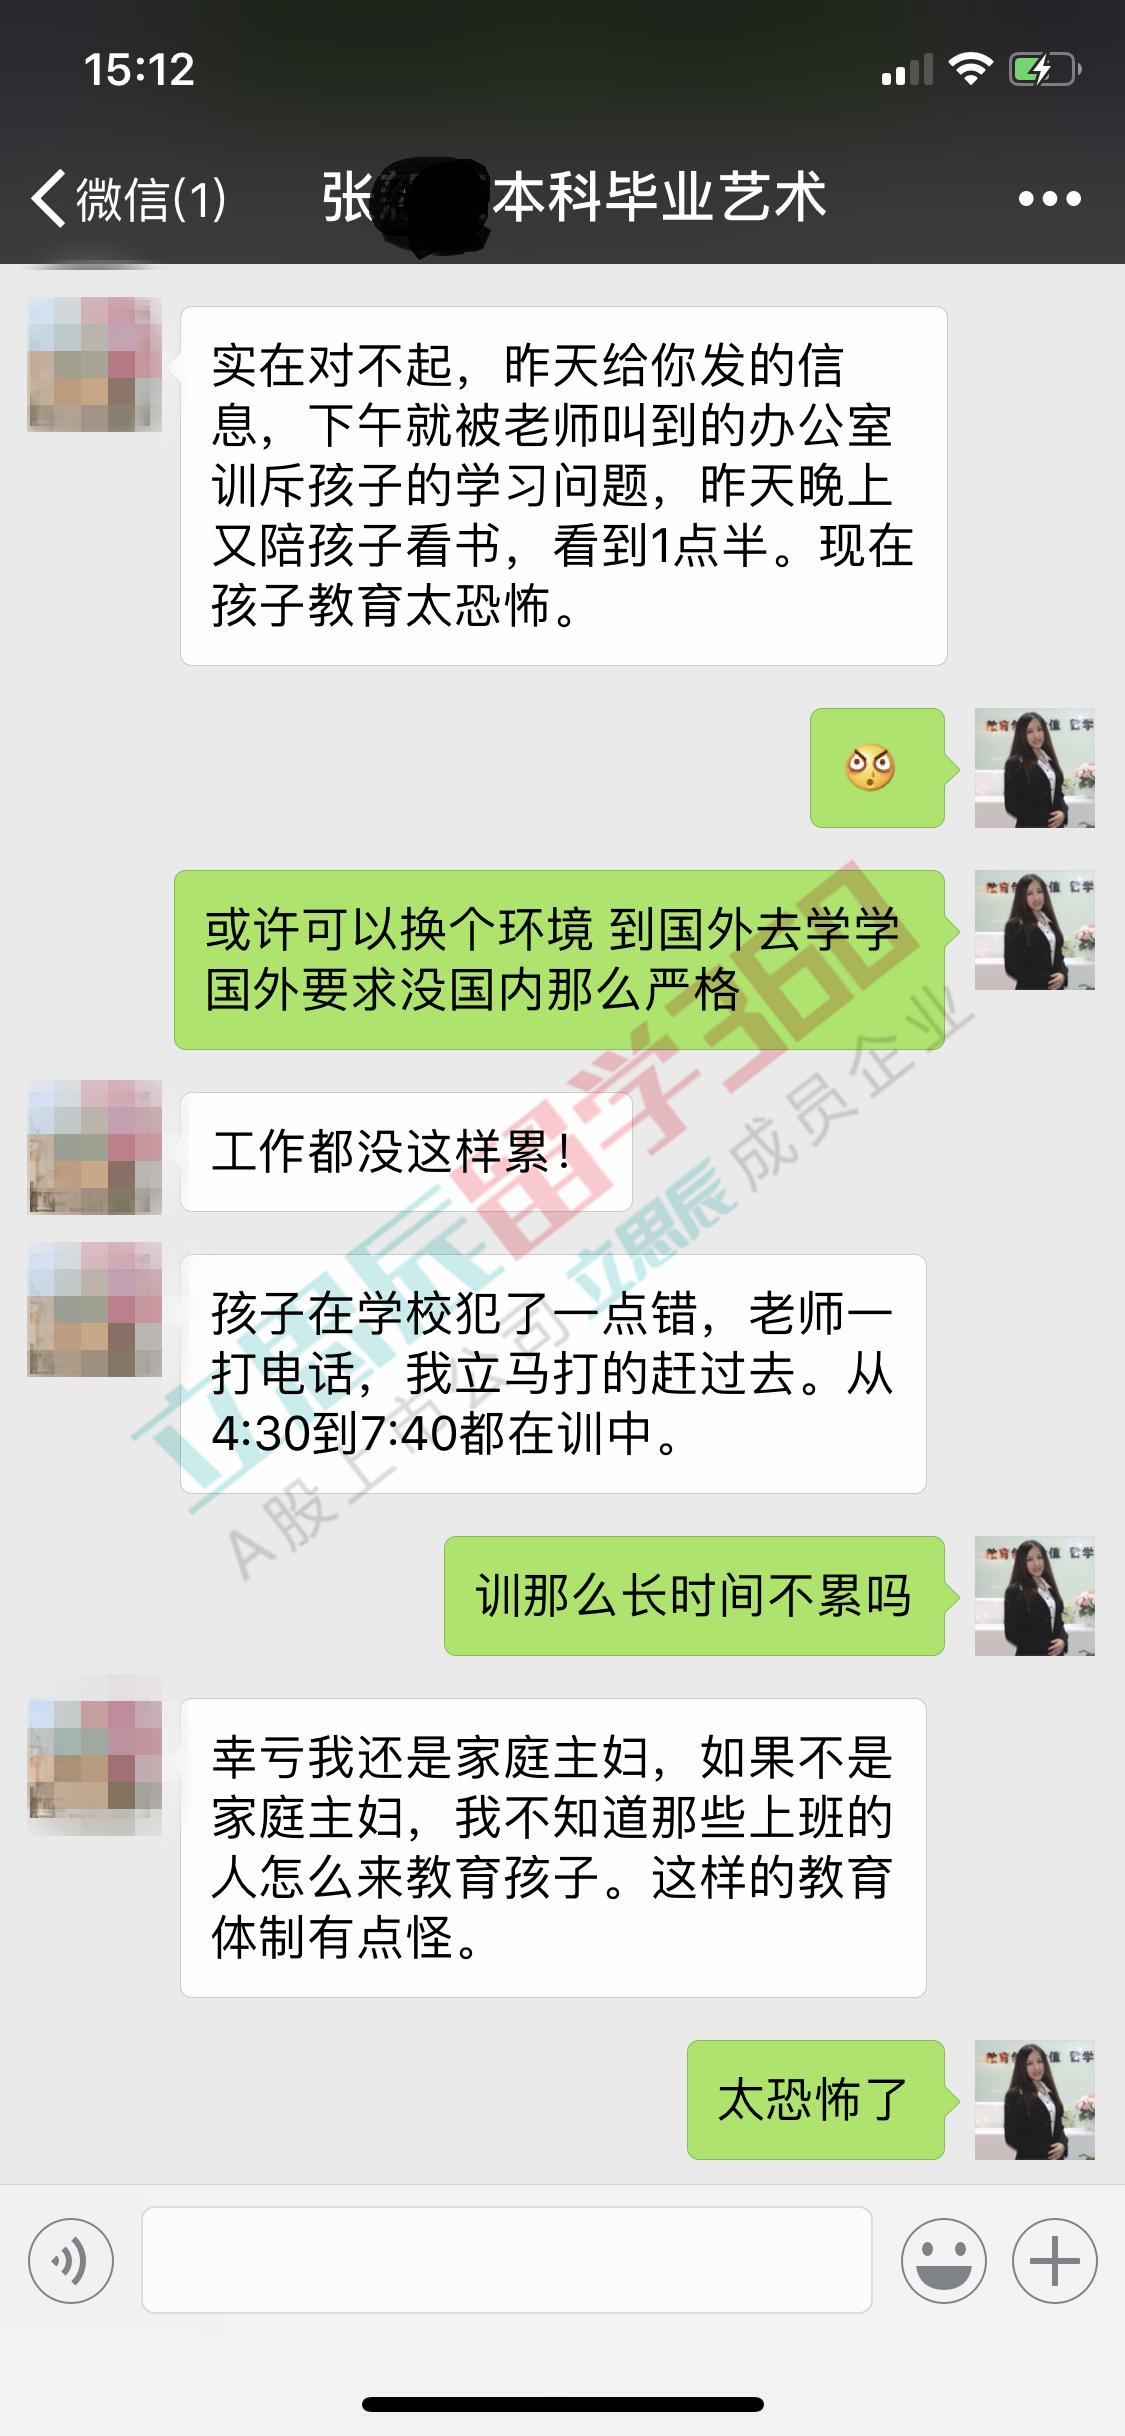 年龄不是问题,袁老师助张女士斩获林国荣创意科技大学offer